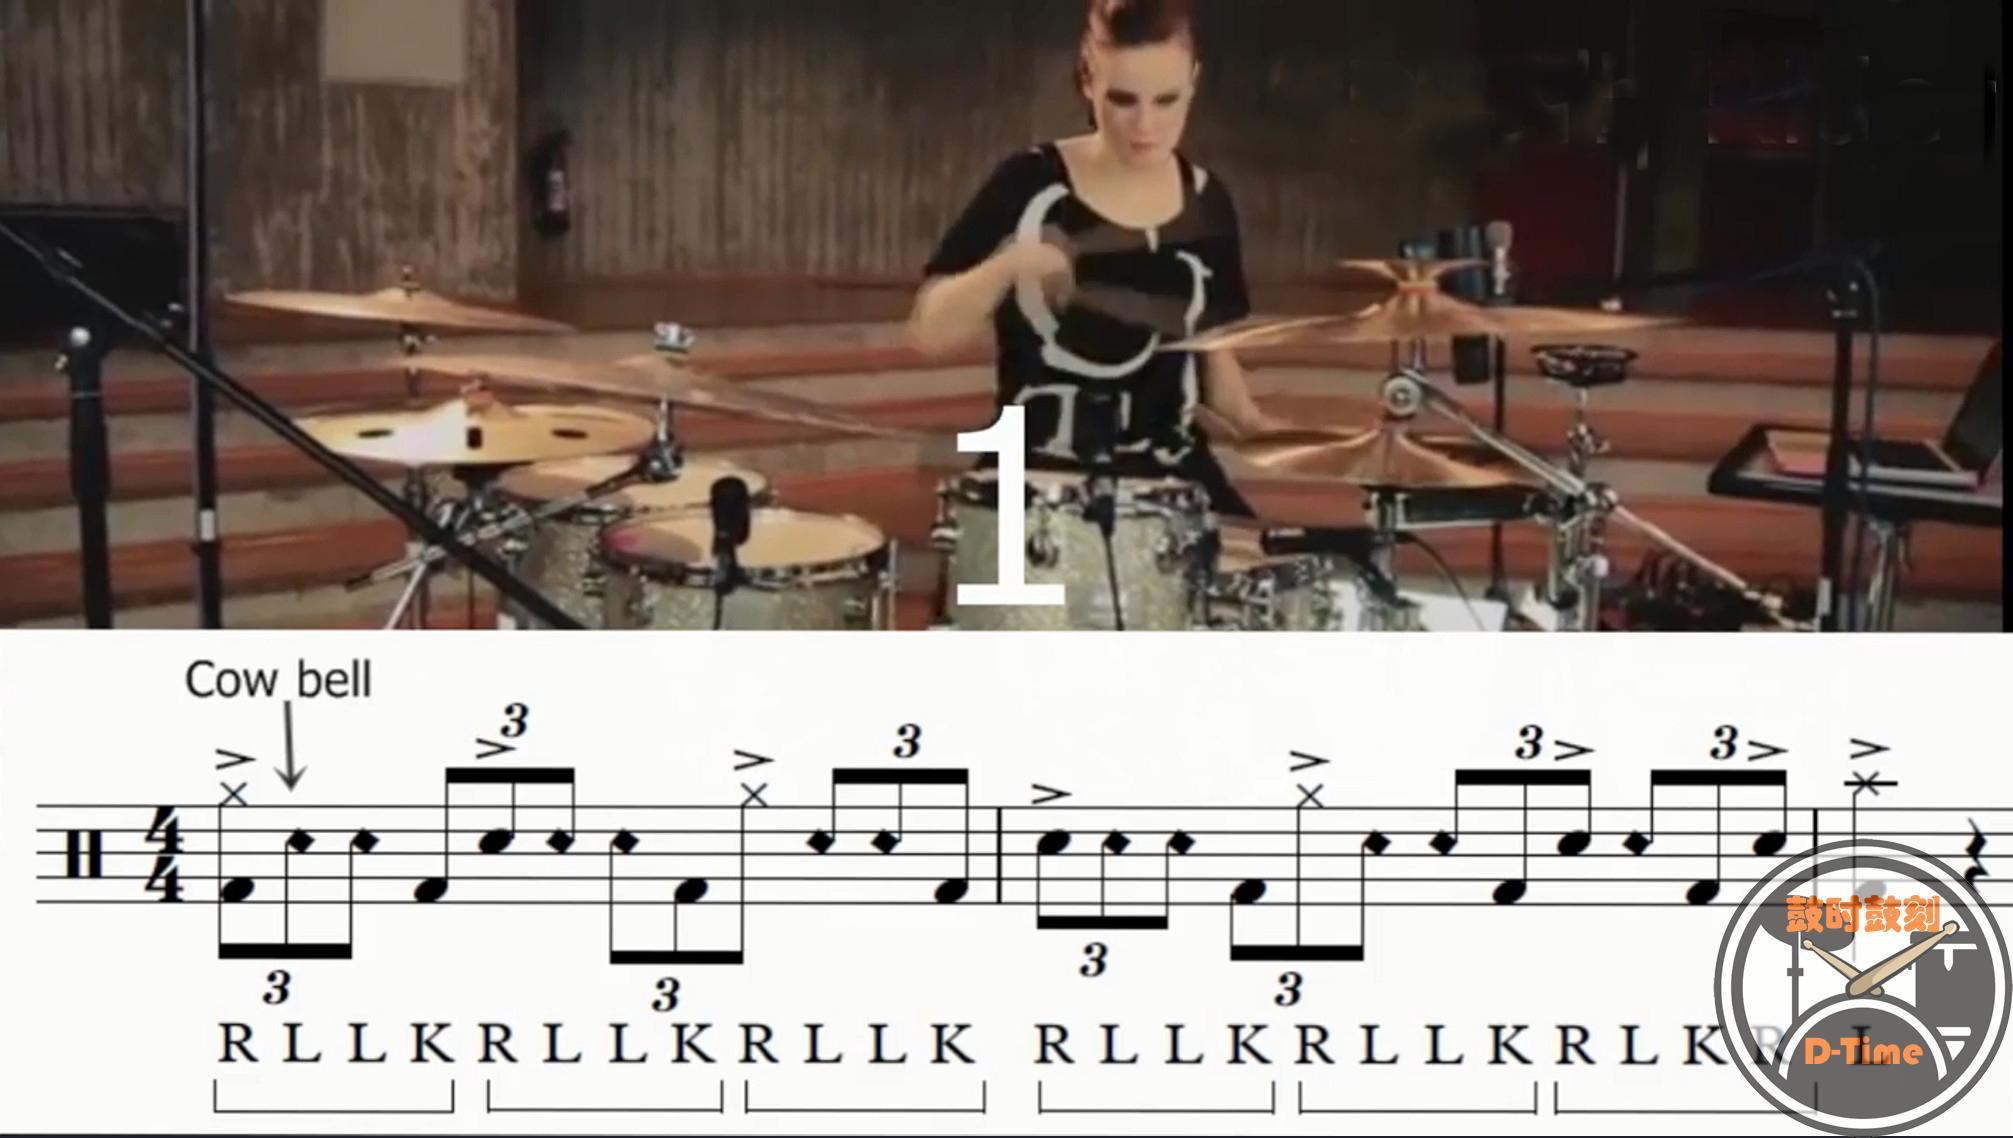 Anika Nilles учение видео школа группа PDF спектр полка барабан продвинутый онлайн учебный материал самолично школа барабан спектр спутник играть